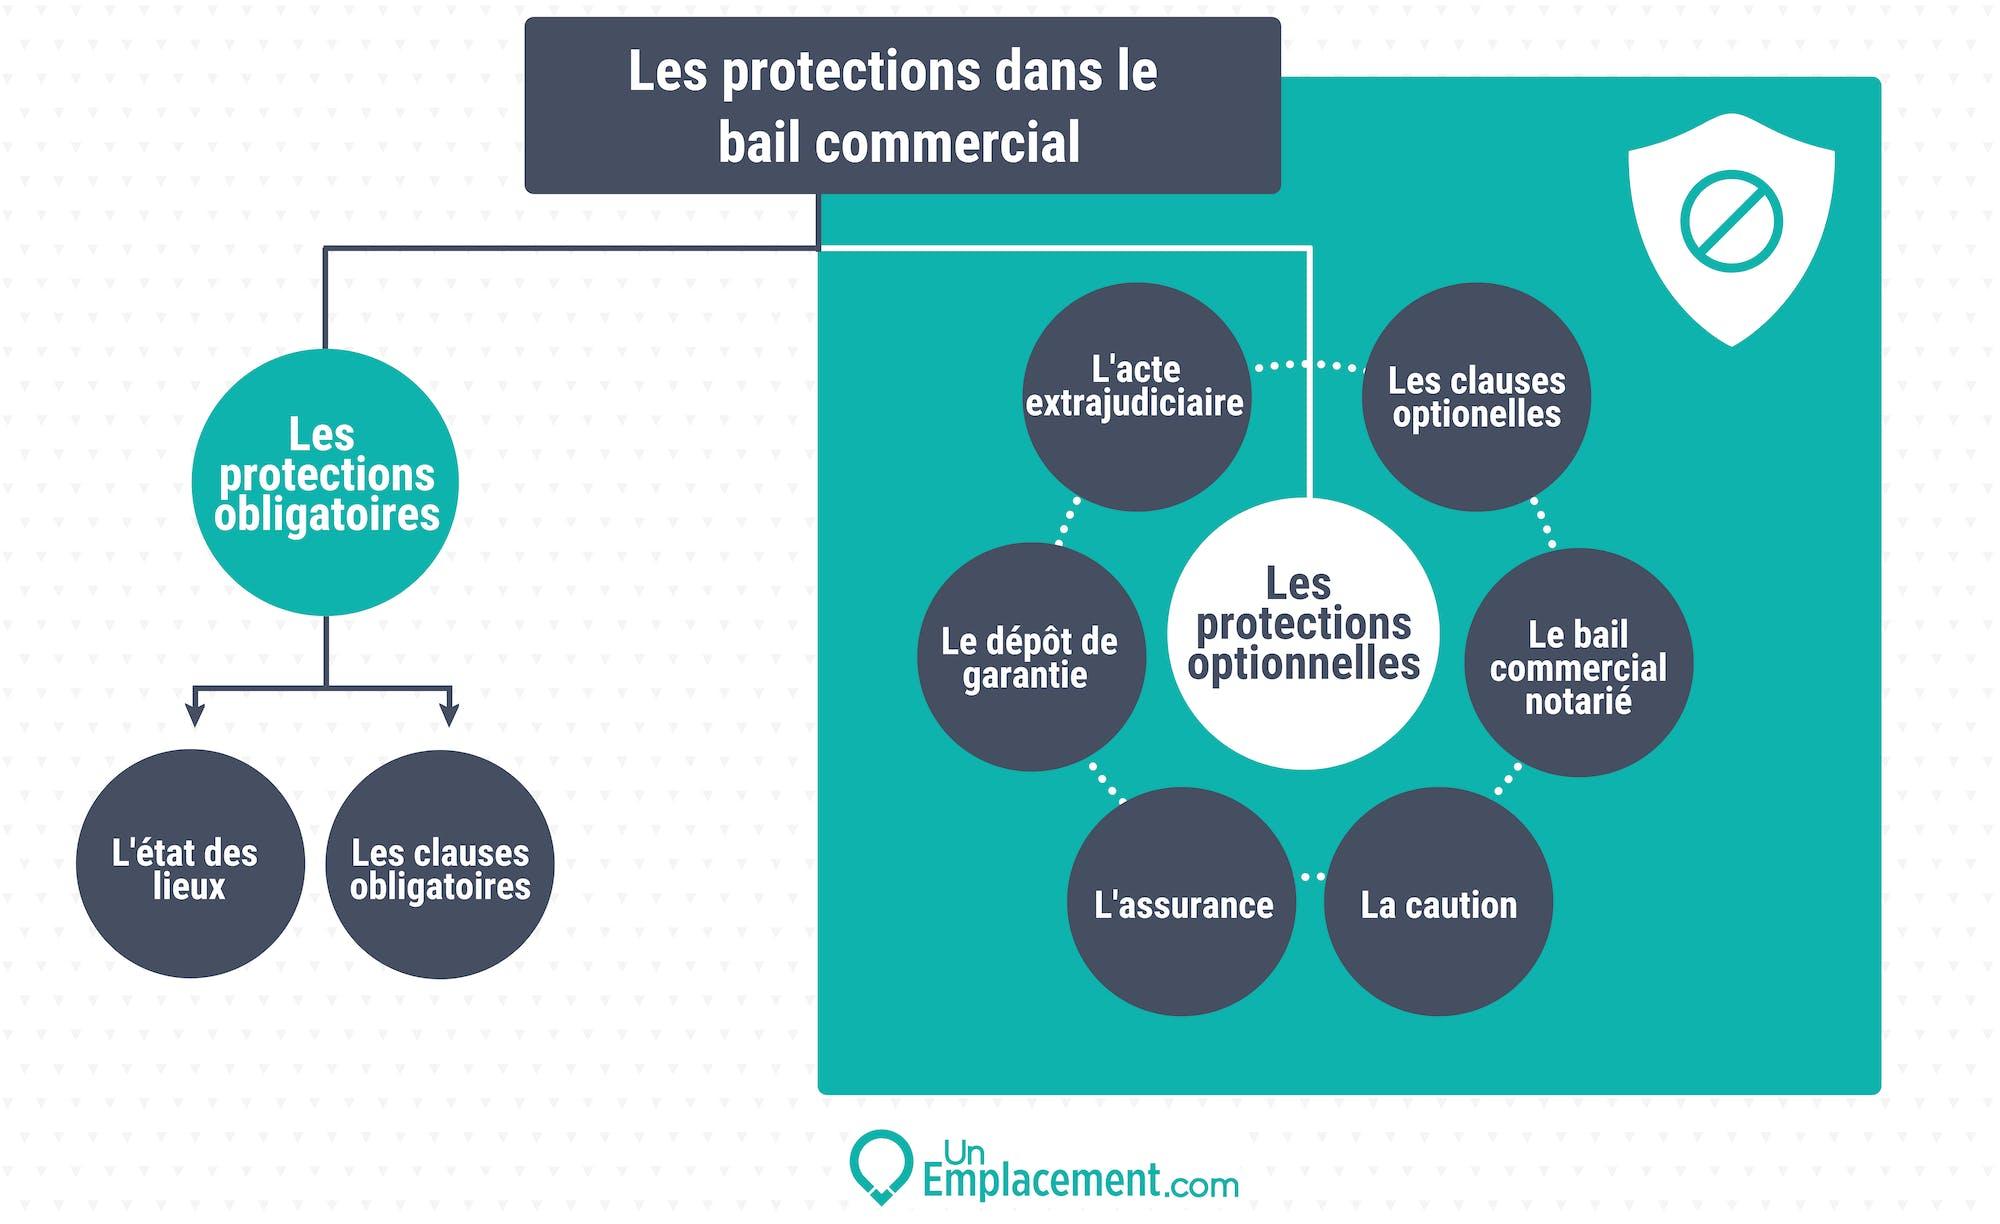 Infographie sur les garanties dans le bail commercial